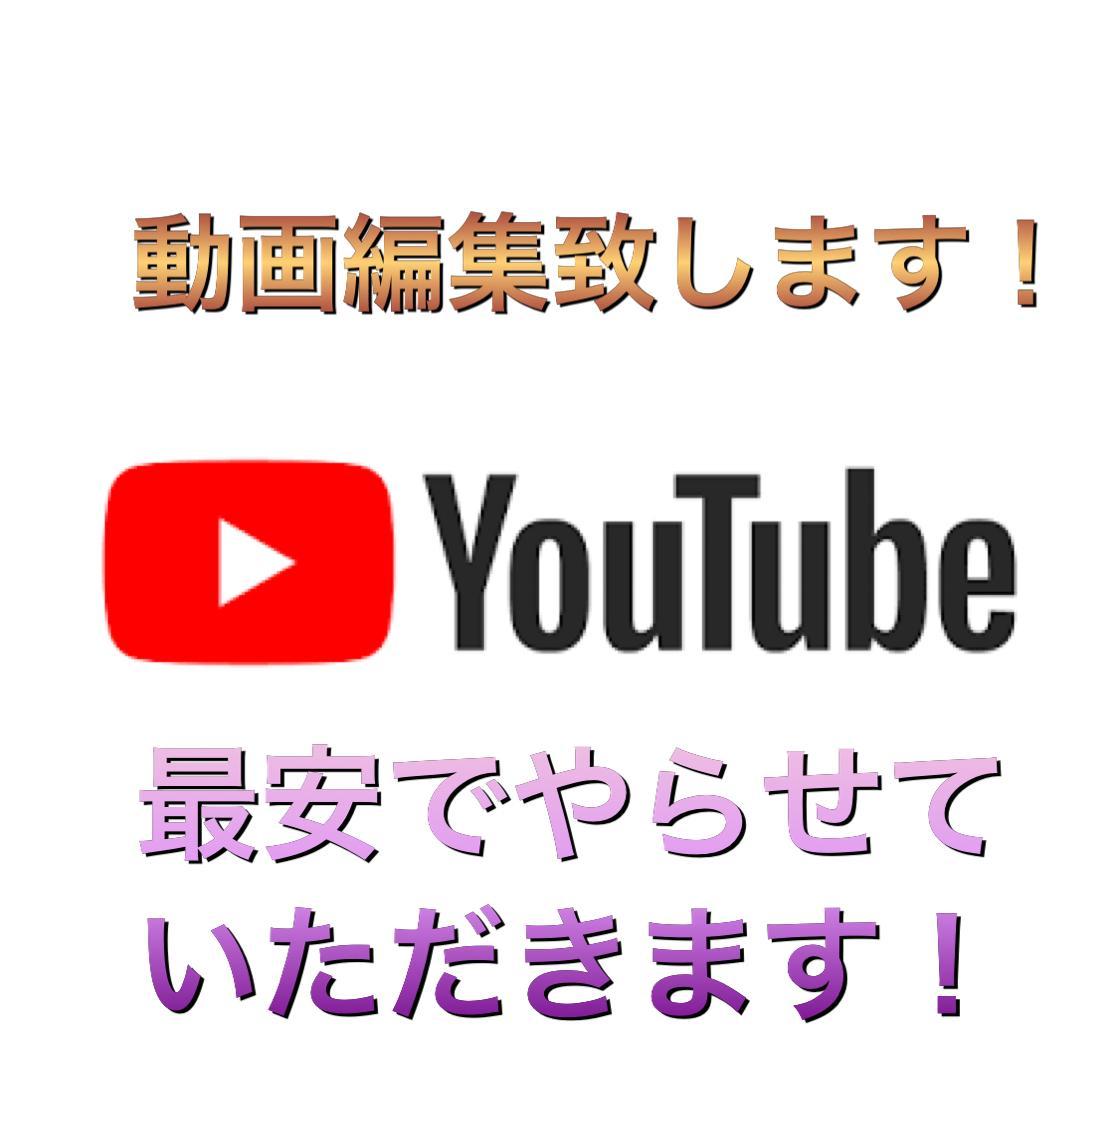 YouTubeに投稿する動画を編集します ゲーム実況などの編集をして欲しい方へ イメージ1